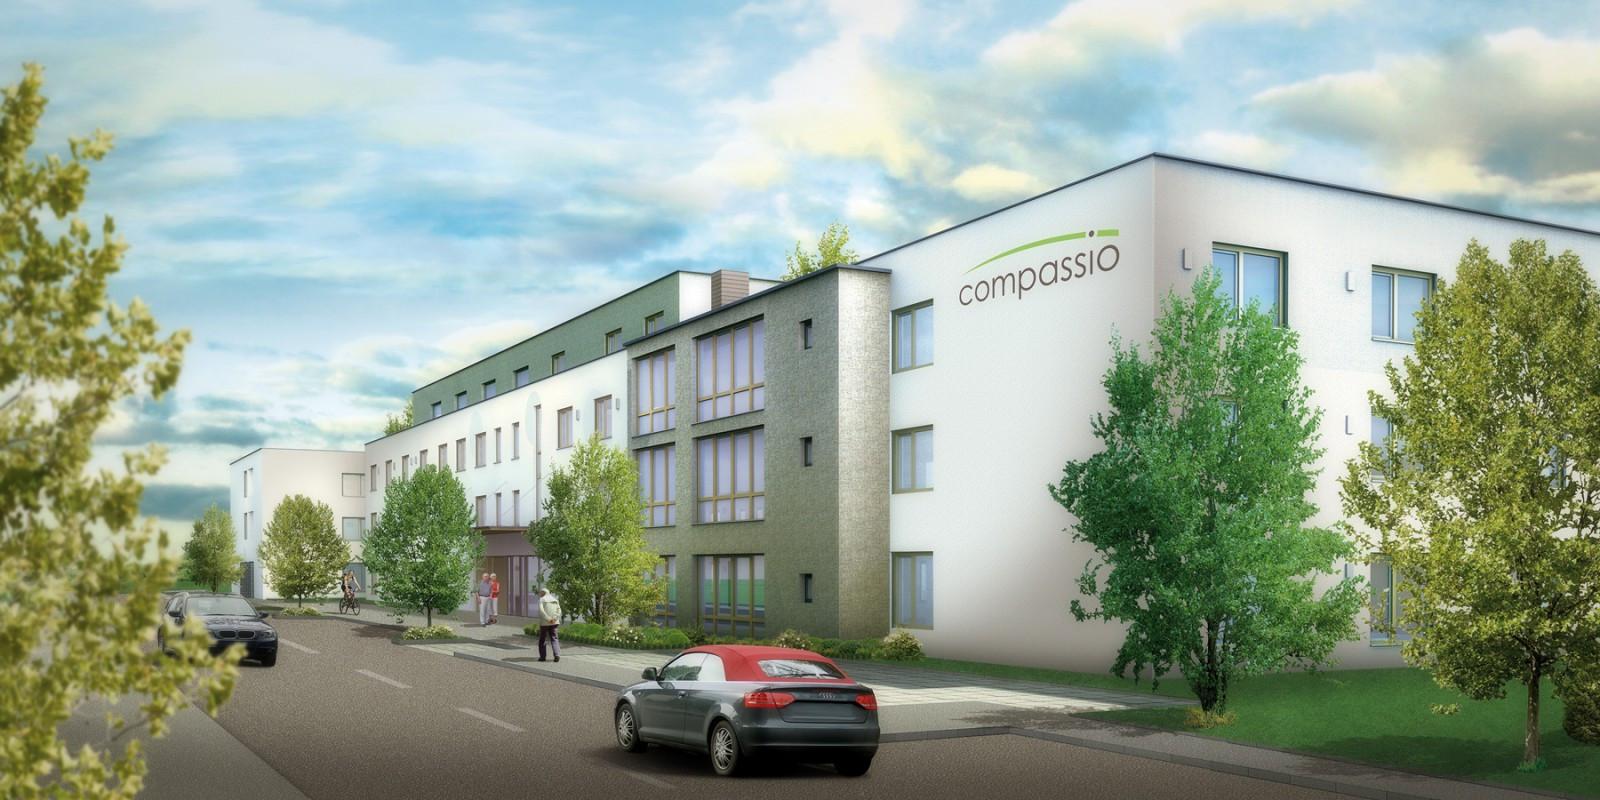 Haus Kaufen Durmersheim durmersheim bekommt eine neue pflegeimmobilie